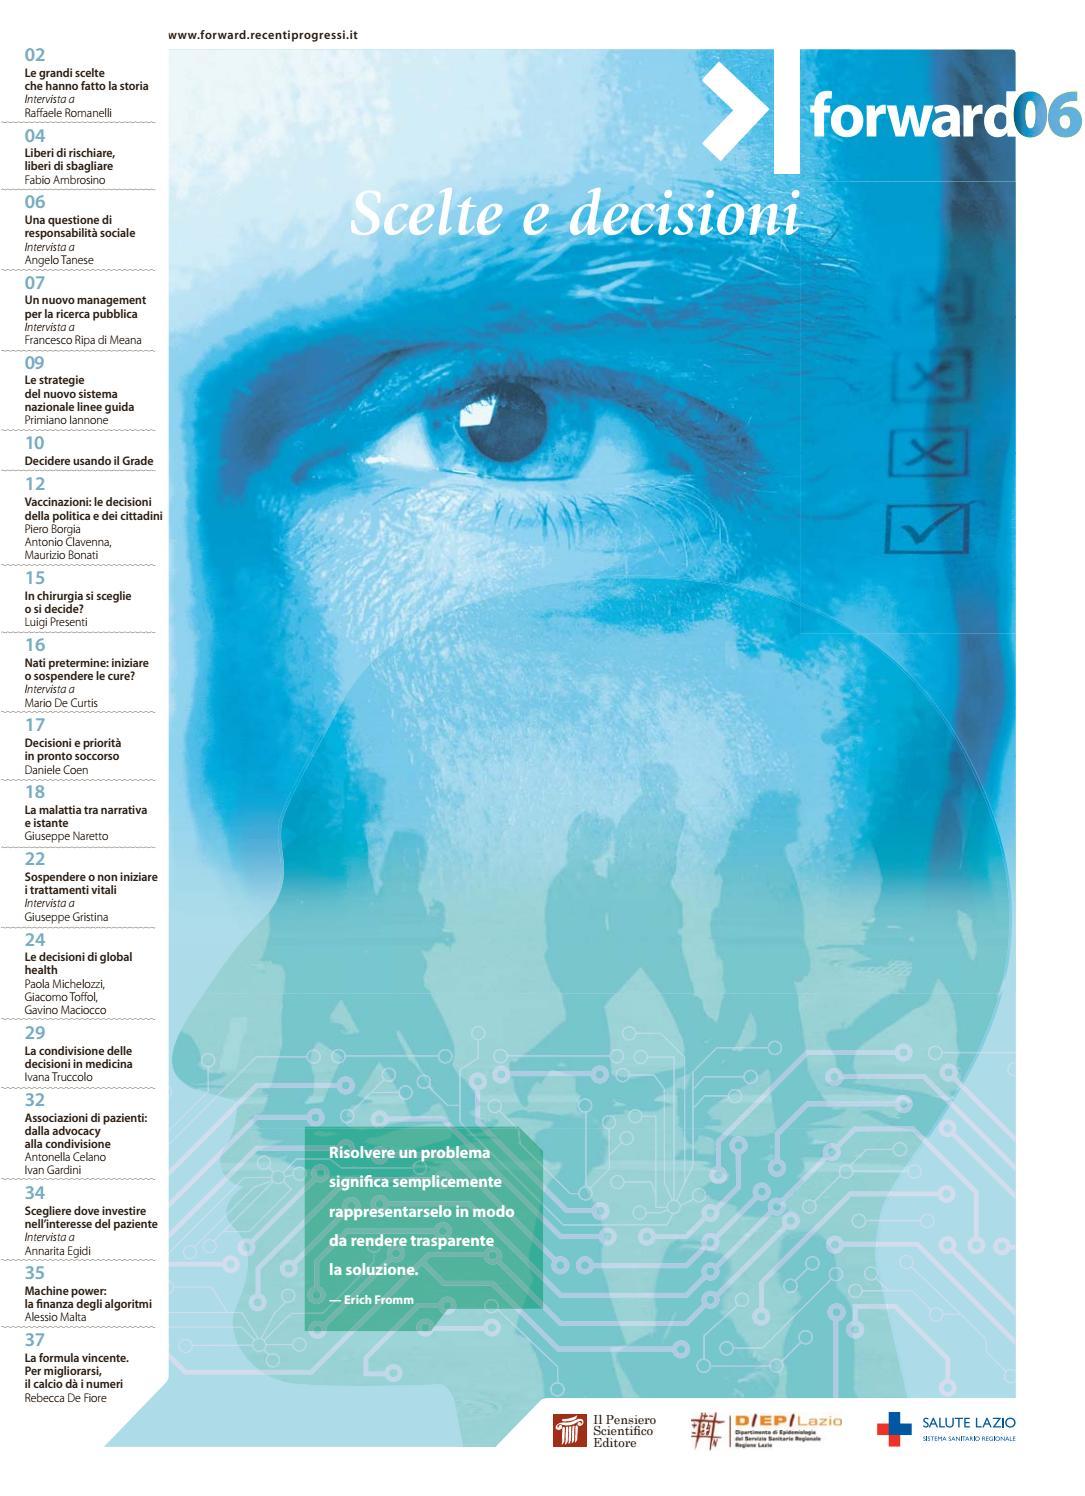 Num 06 - 2017 Scelte e decisioni by Il Pensiero Scientifico Editore - issuu db978a3989f5